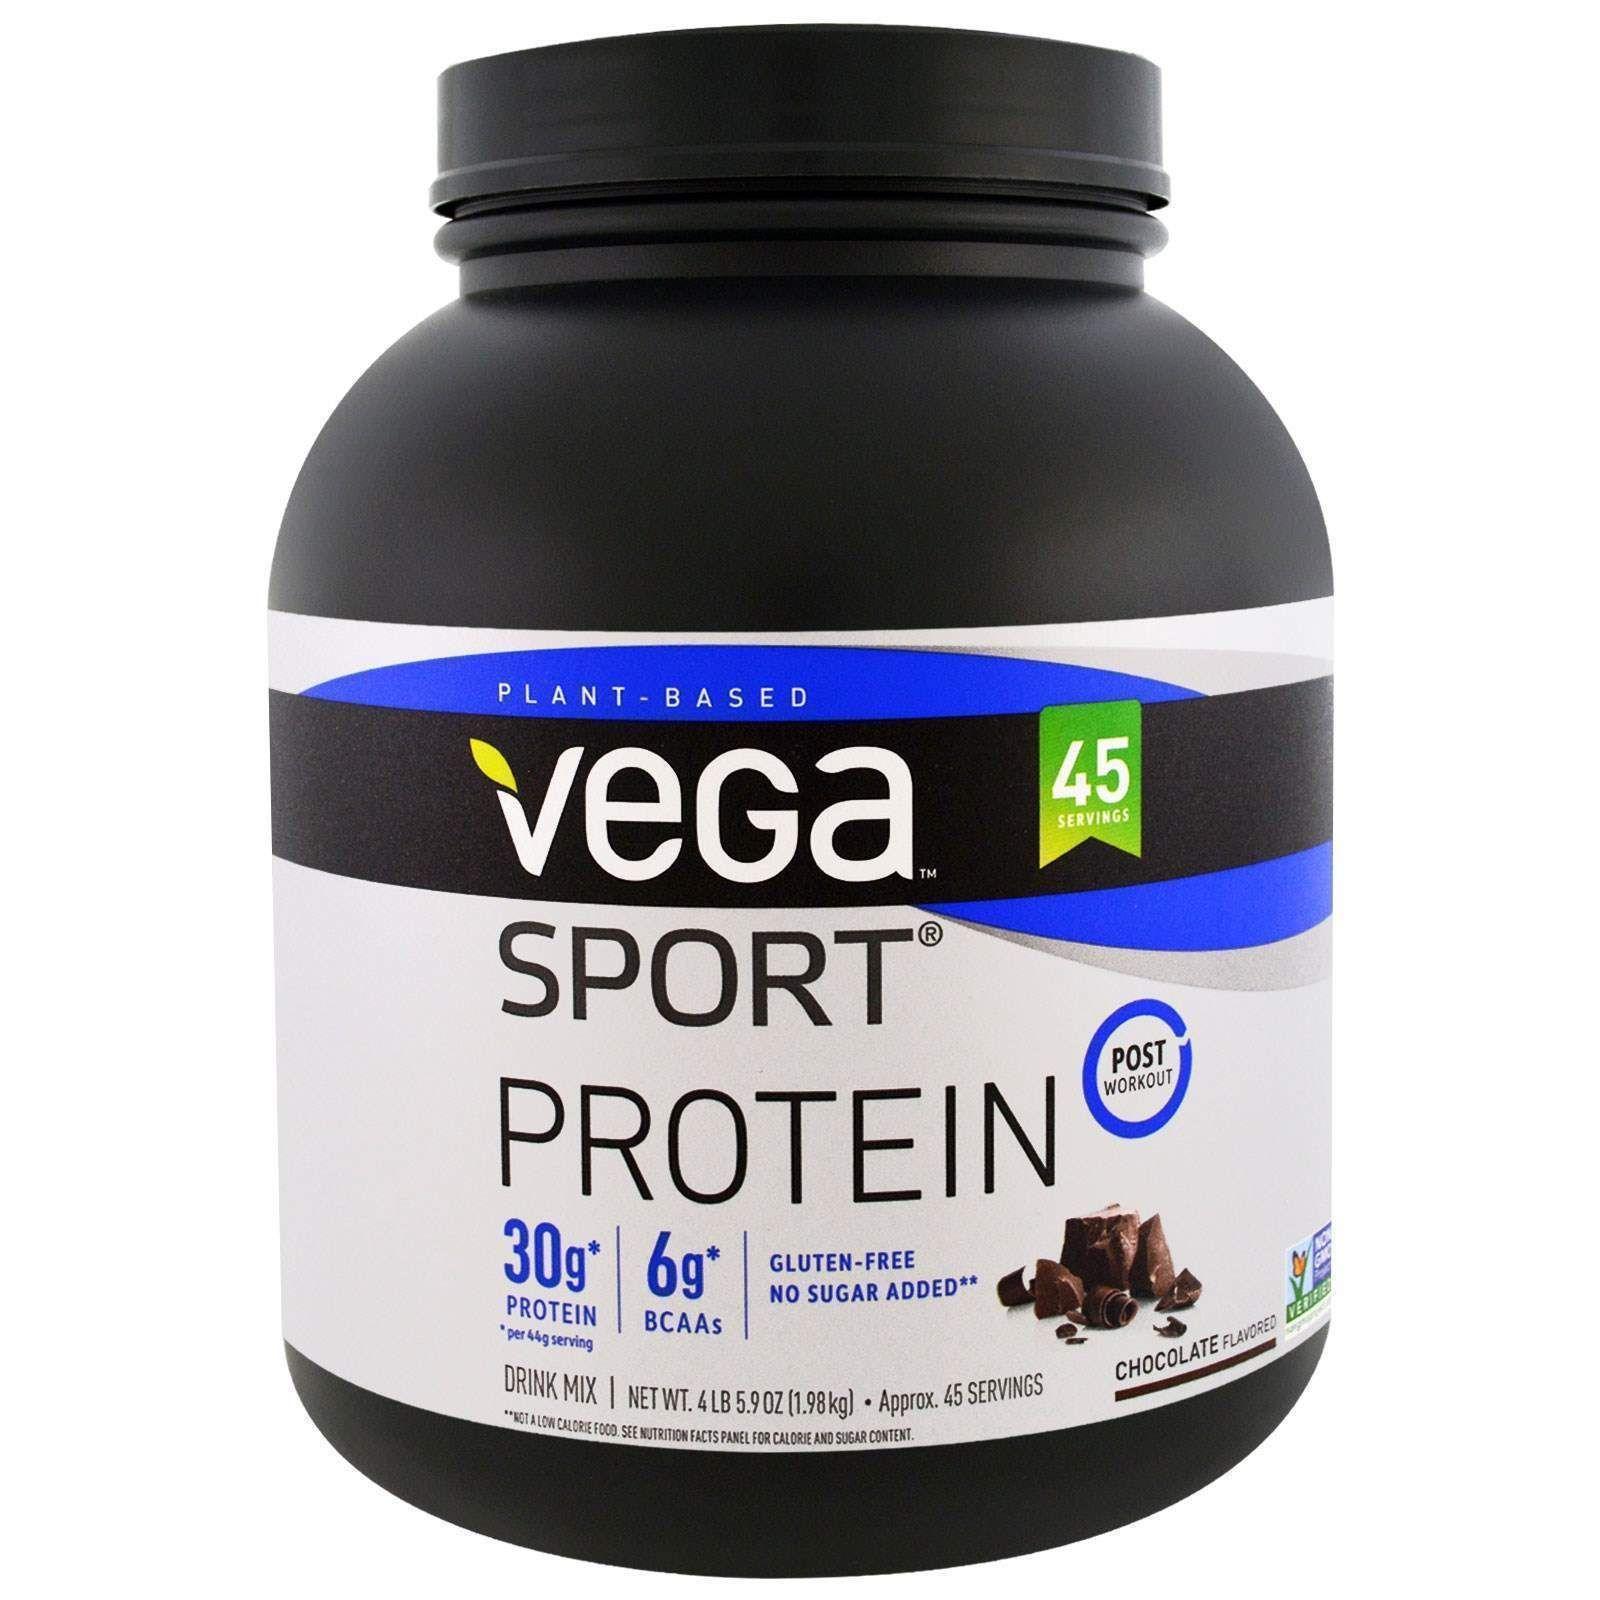 Протеин для веганов и вегетарианцев: какой лучше употреблять